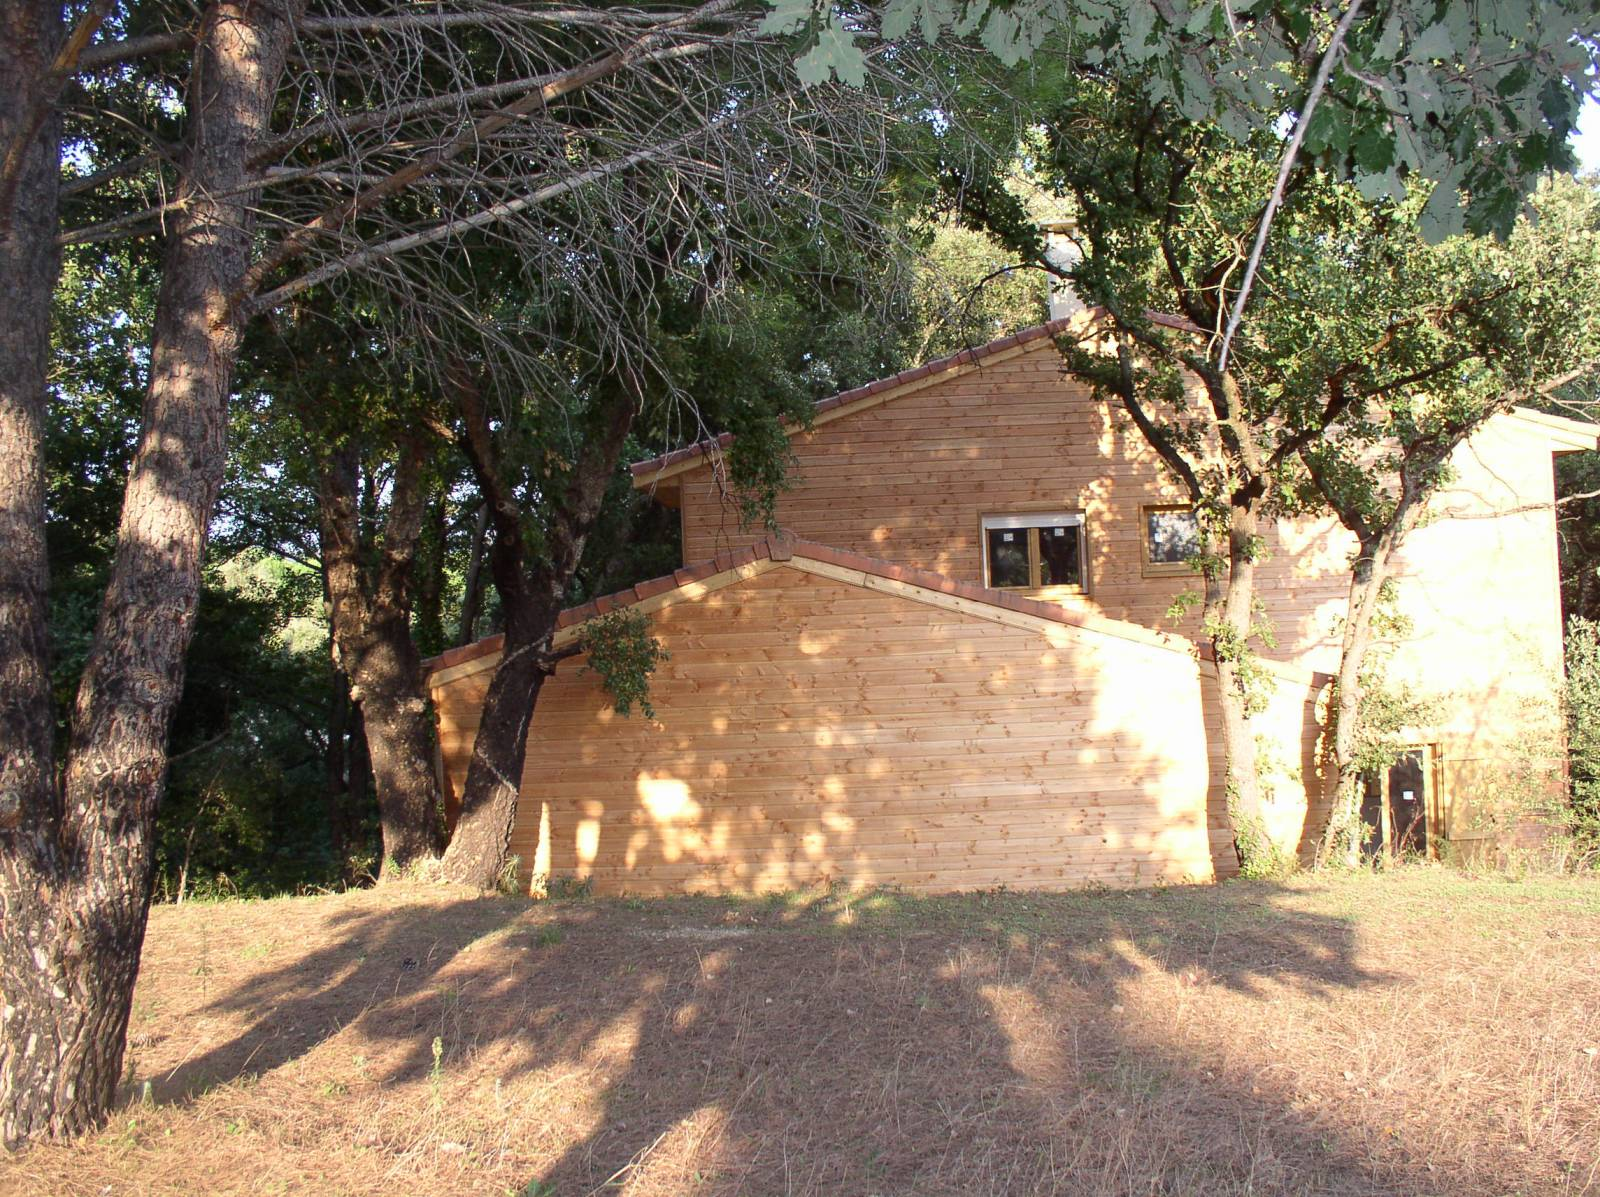 Maison hors d 39 eau hors d 39 air r f 20012 pr s de st tropez dans le var 83 cogebois - Assurance maison hors d eau hors d air ...